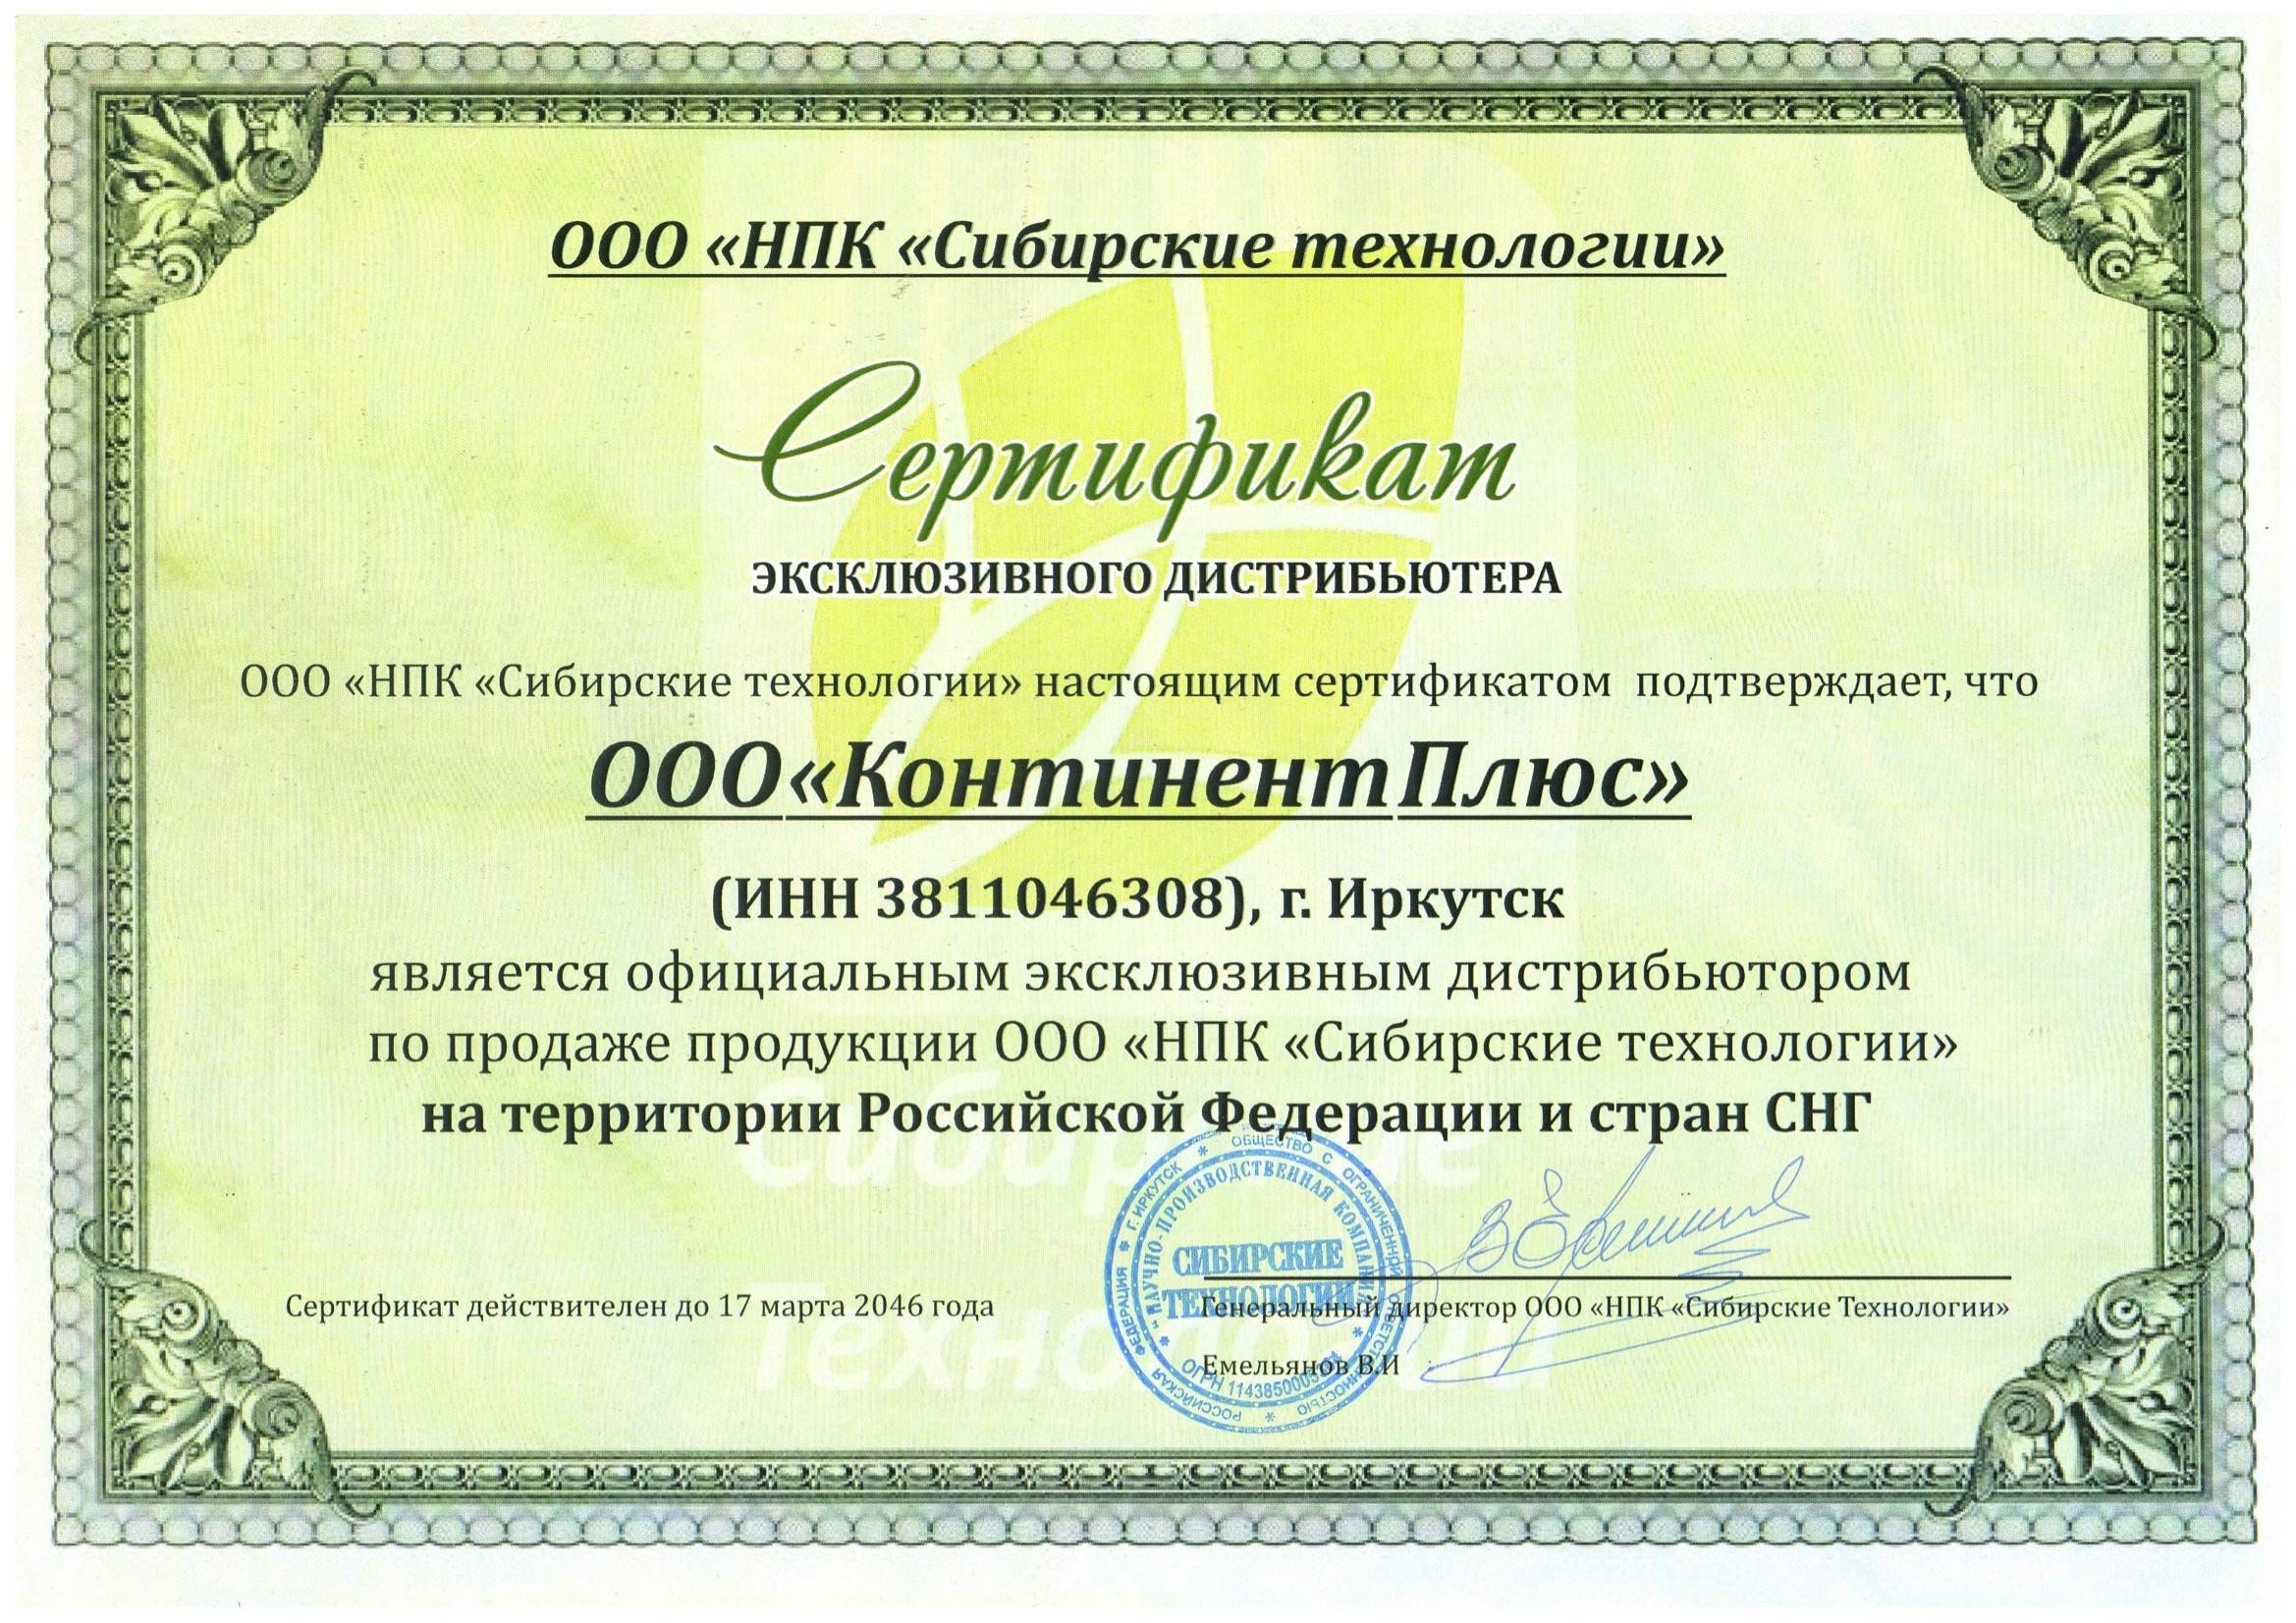 Сертификат р.яз..jpg